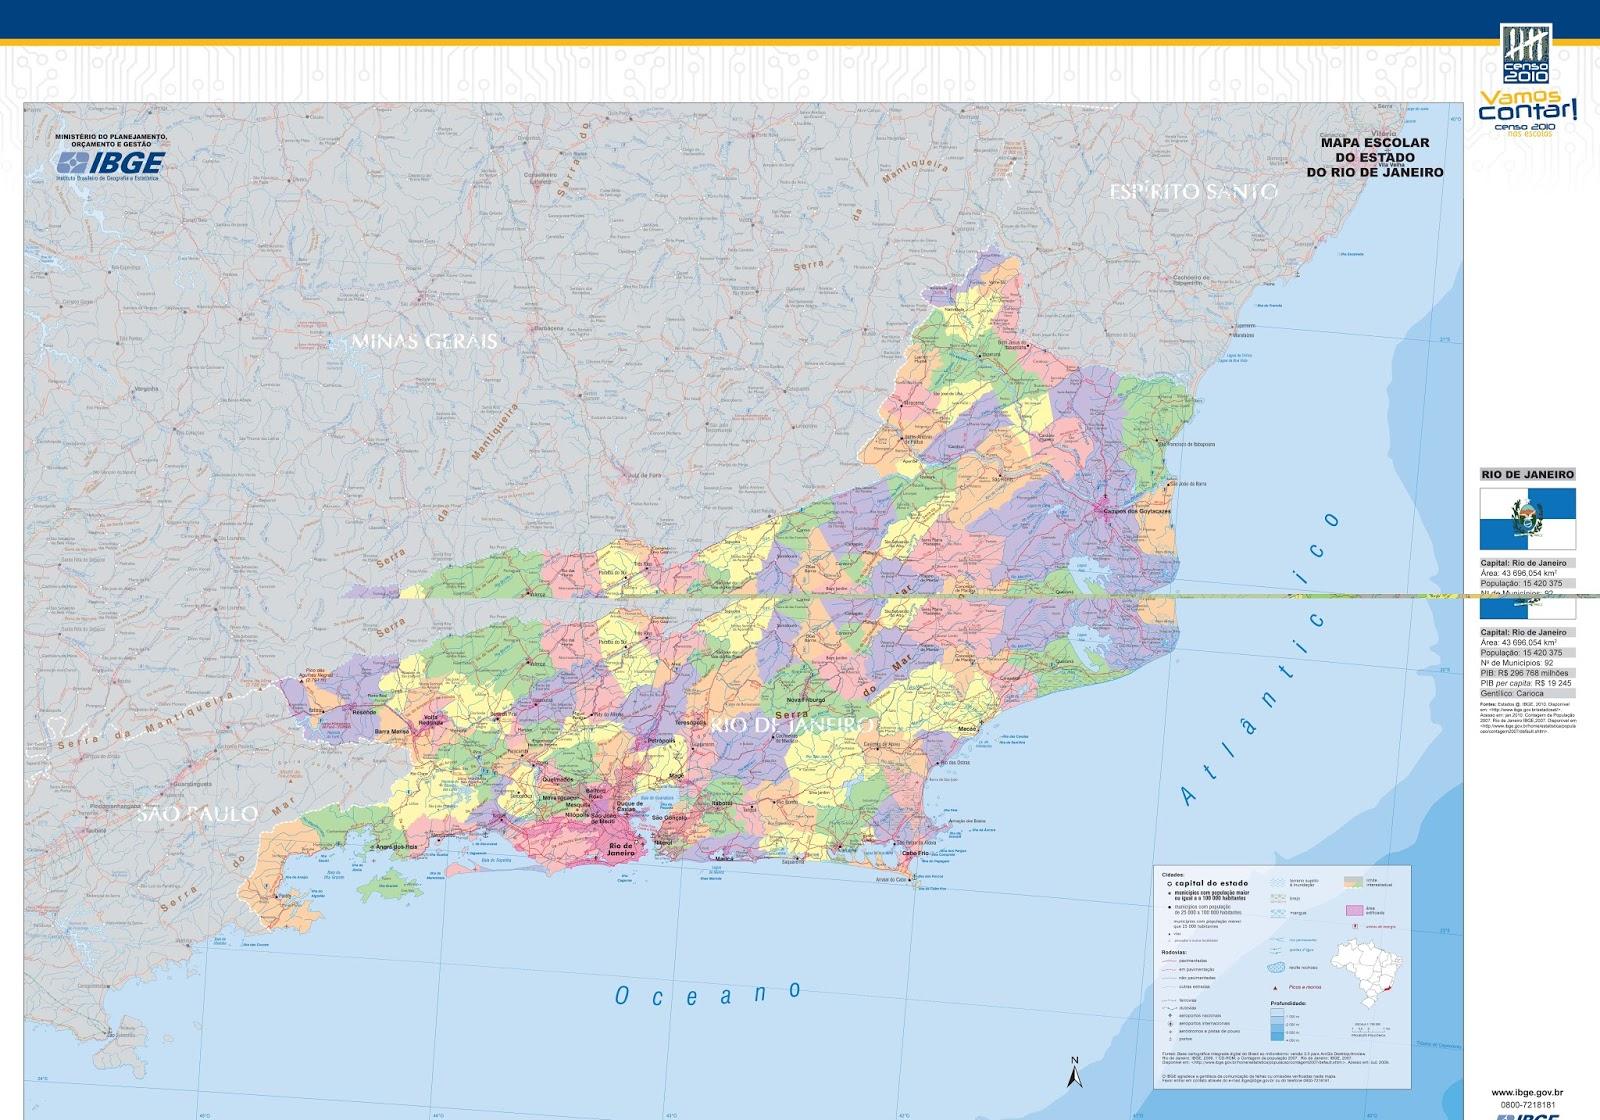 Rio de Janeiro | Mapas Geográficos do Rio de Janeiro